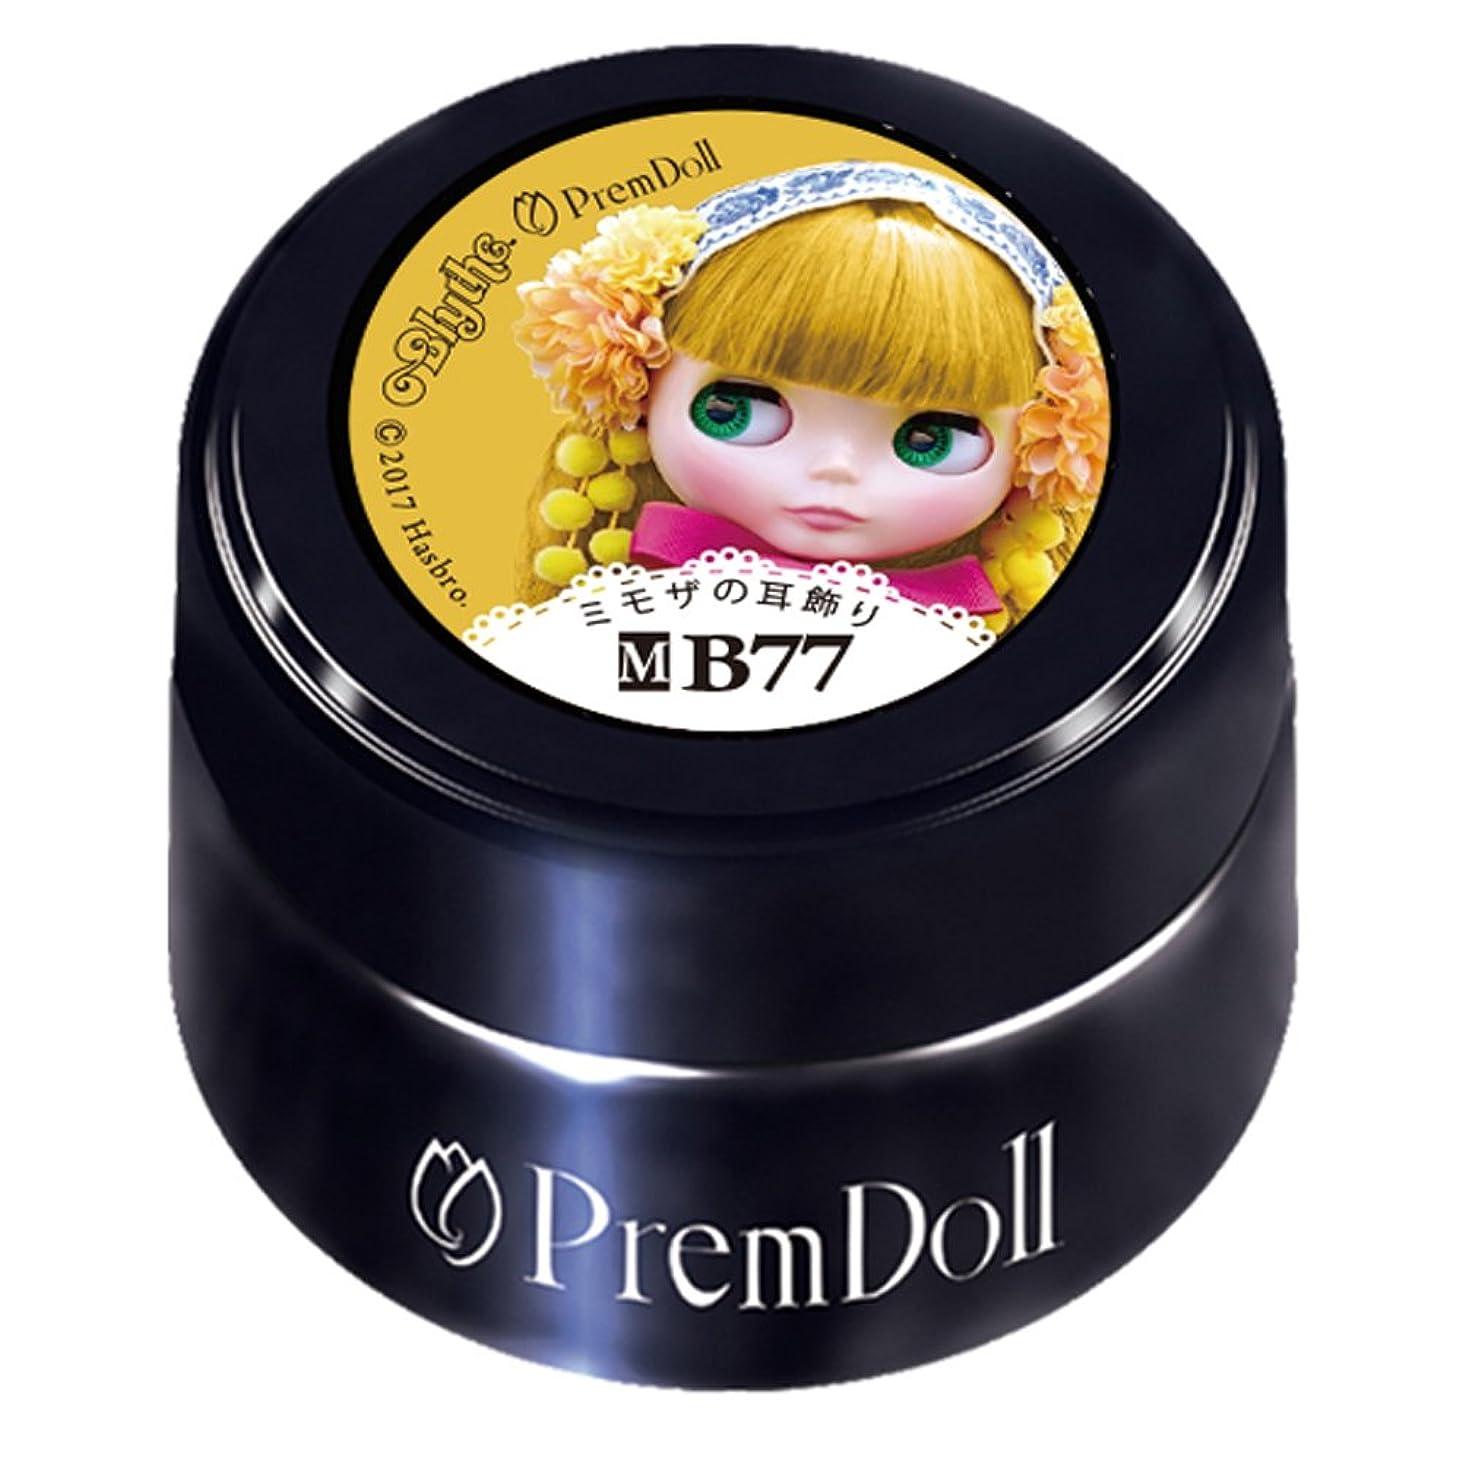 手入れ容赦ない浜辺PRE GEL プリムドール ミモザの首飾り DOLL-B77 3g UV/LED対応 カラージェル